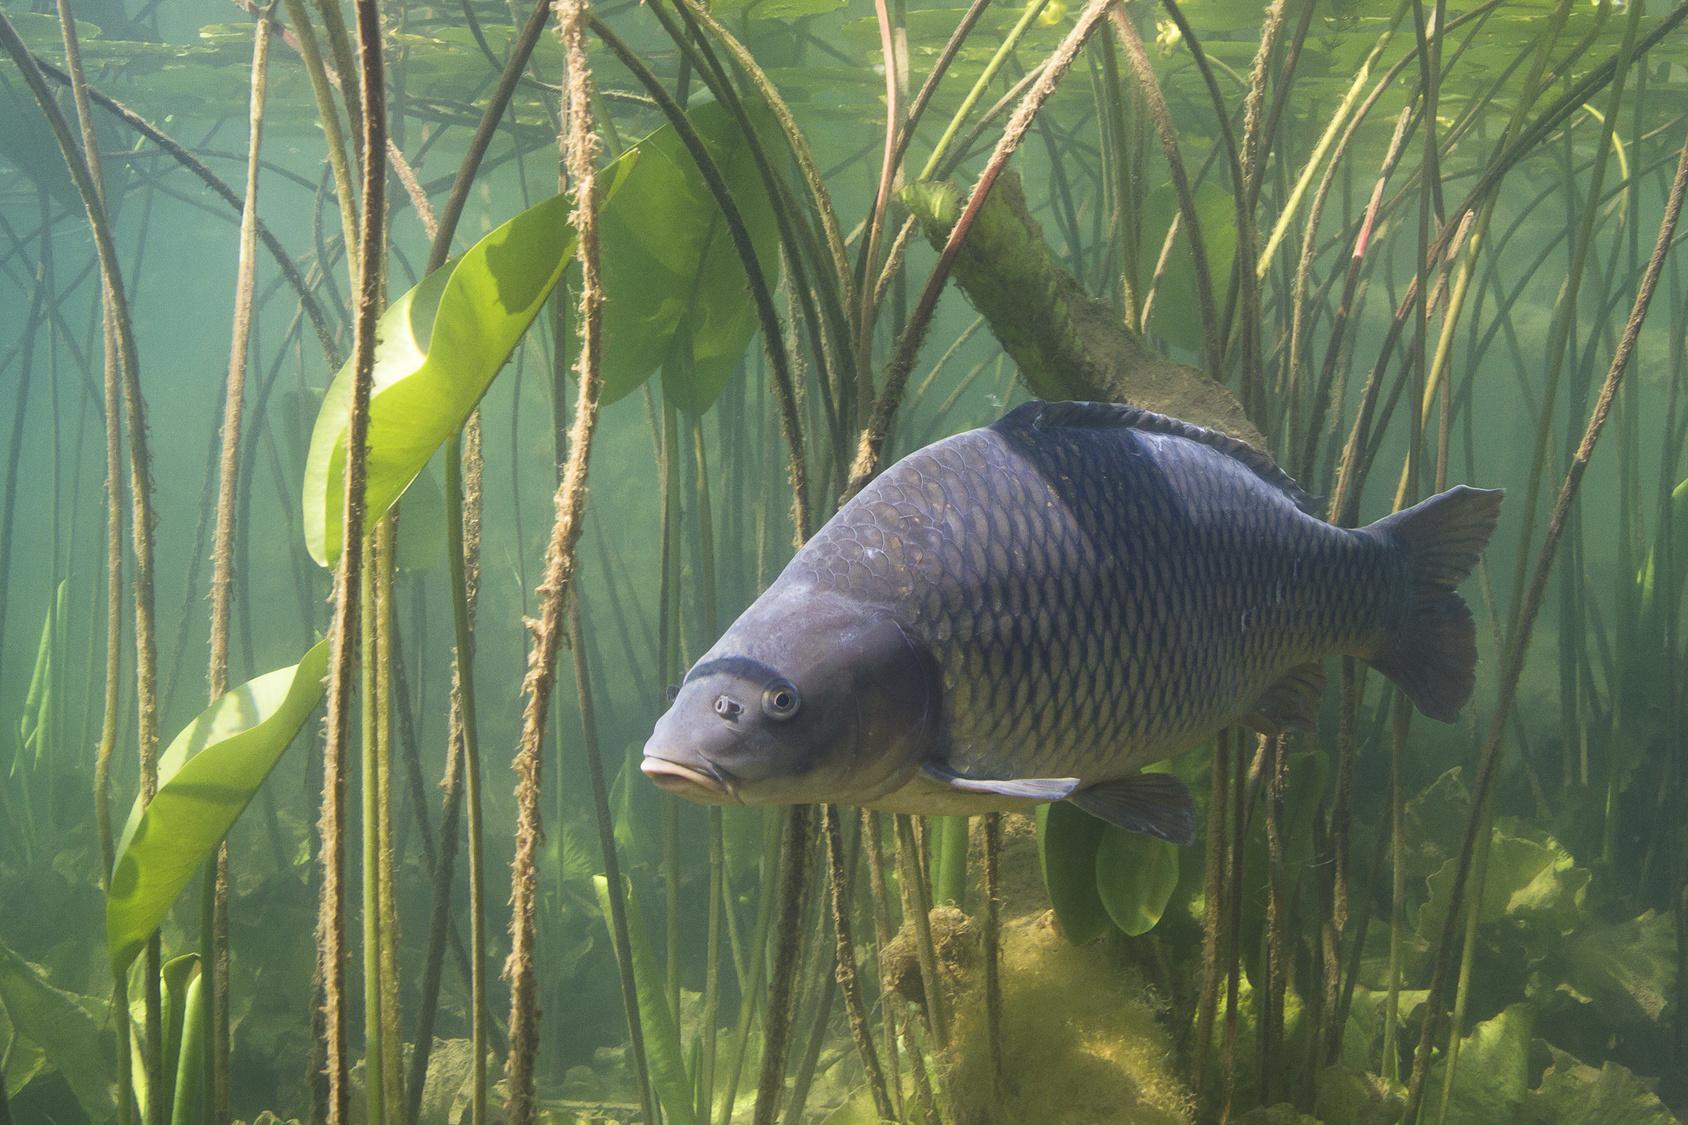 schonzeiten bayern angeln